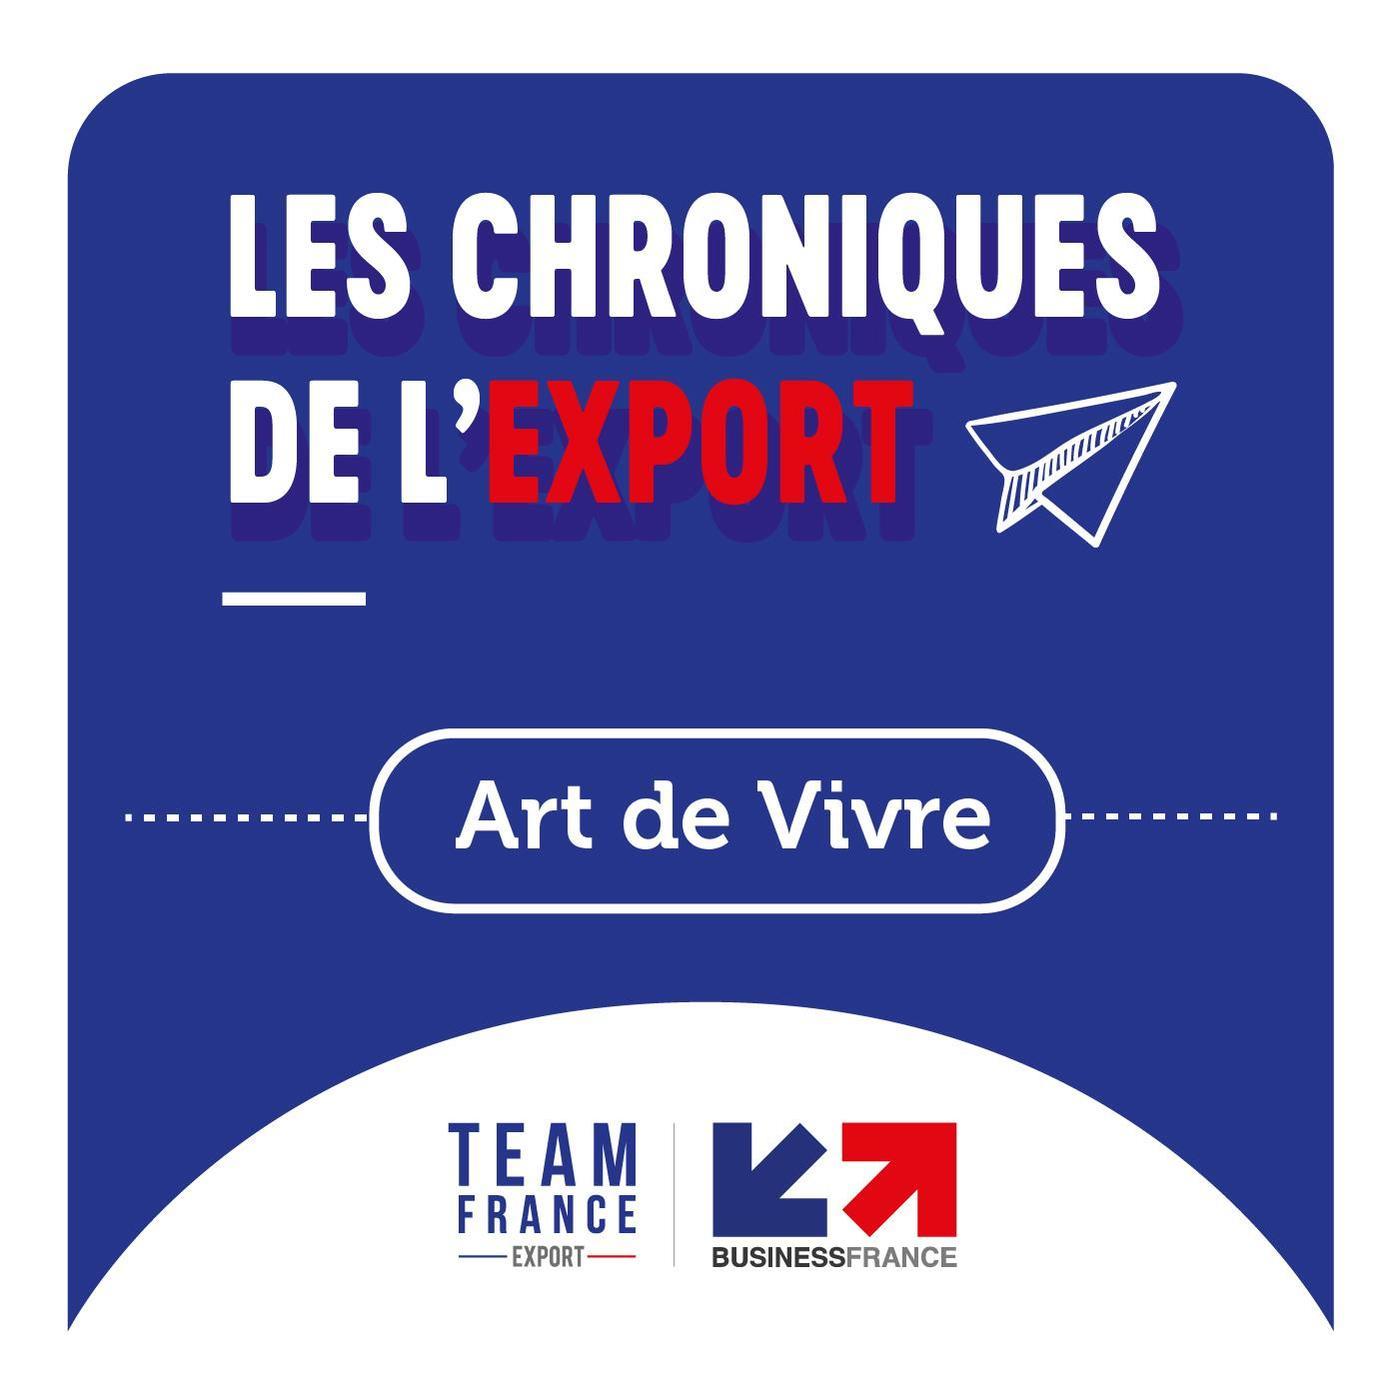 Les Chroniques de l'Export : Art de Vivre